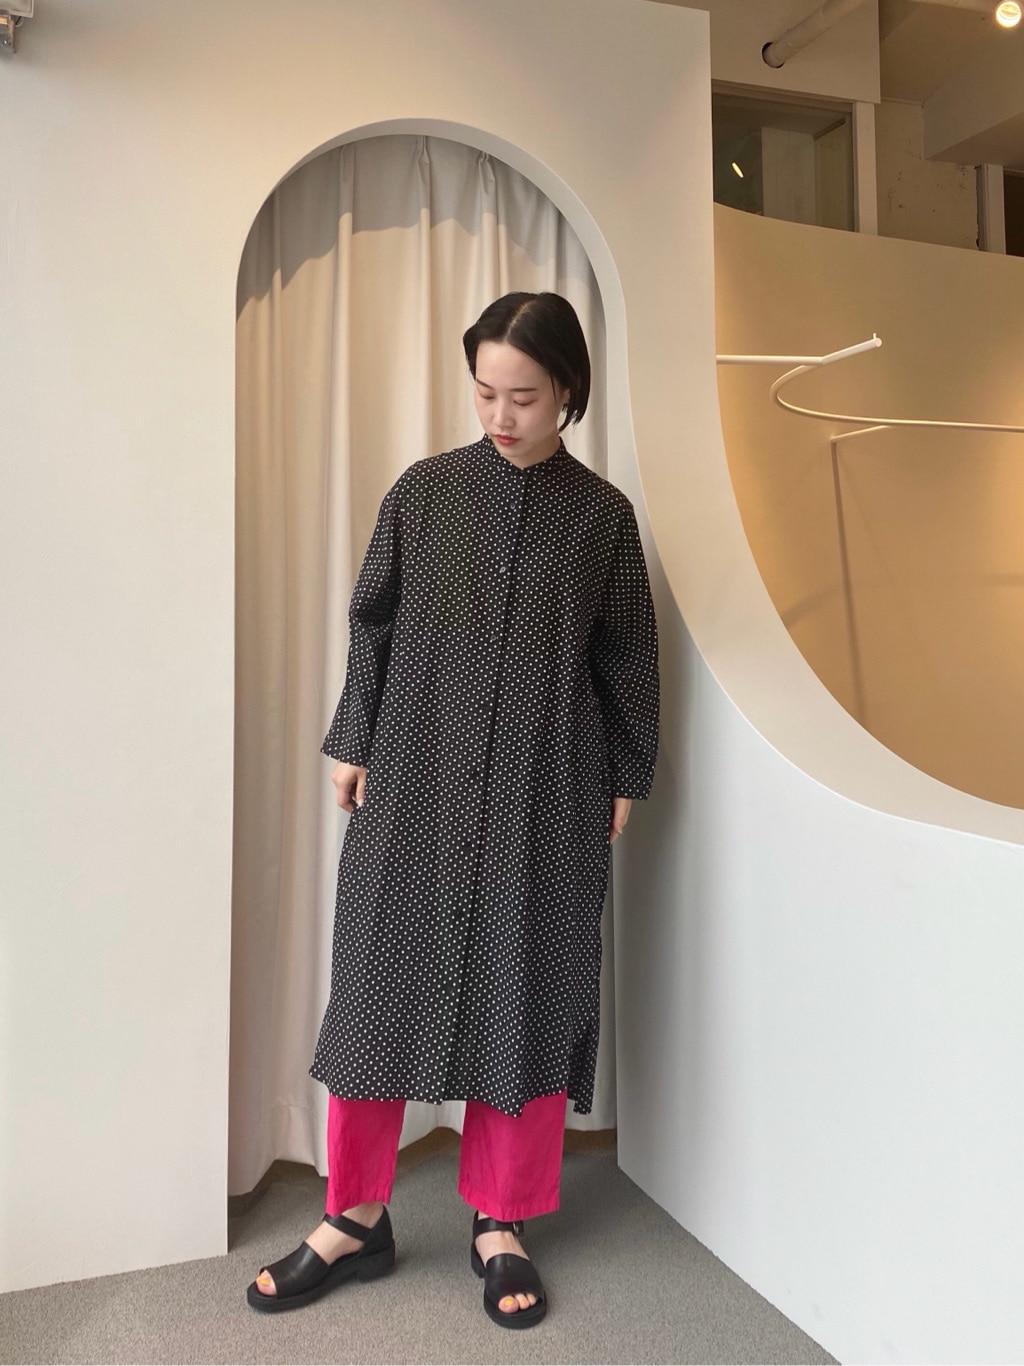 - l'atelier du savon circle in circle ラフォーレ原宿 身長:159cm 2021.05.14